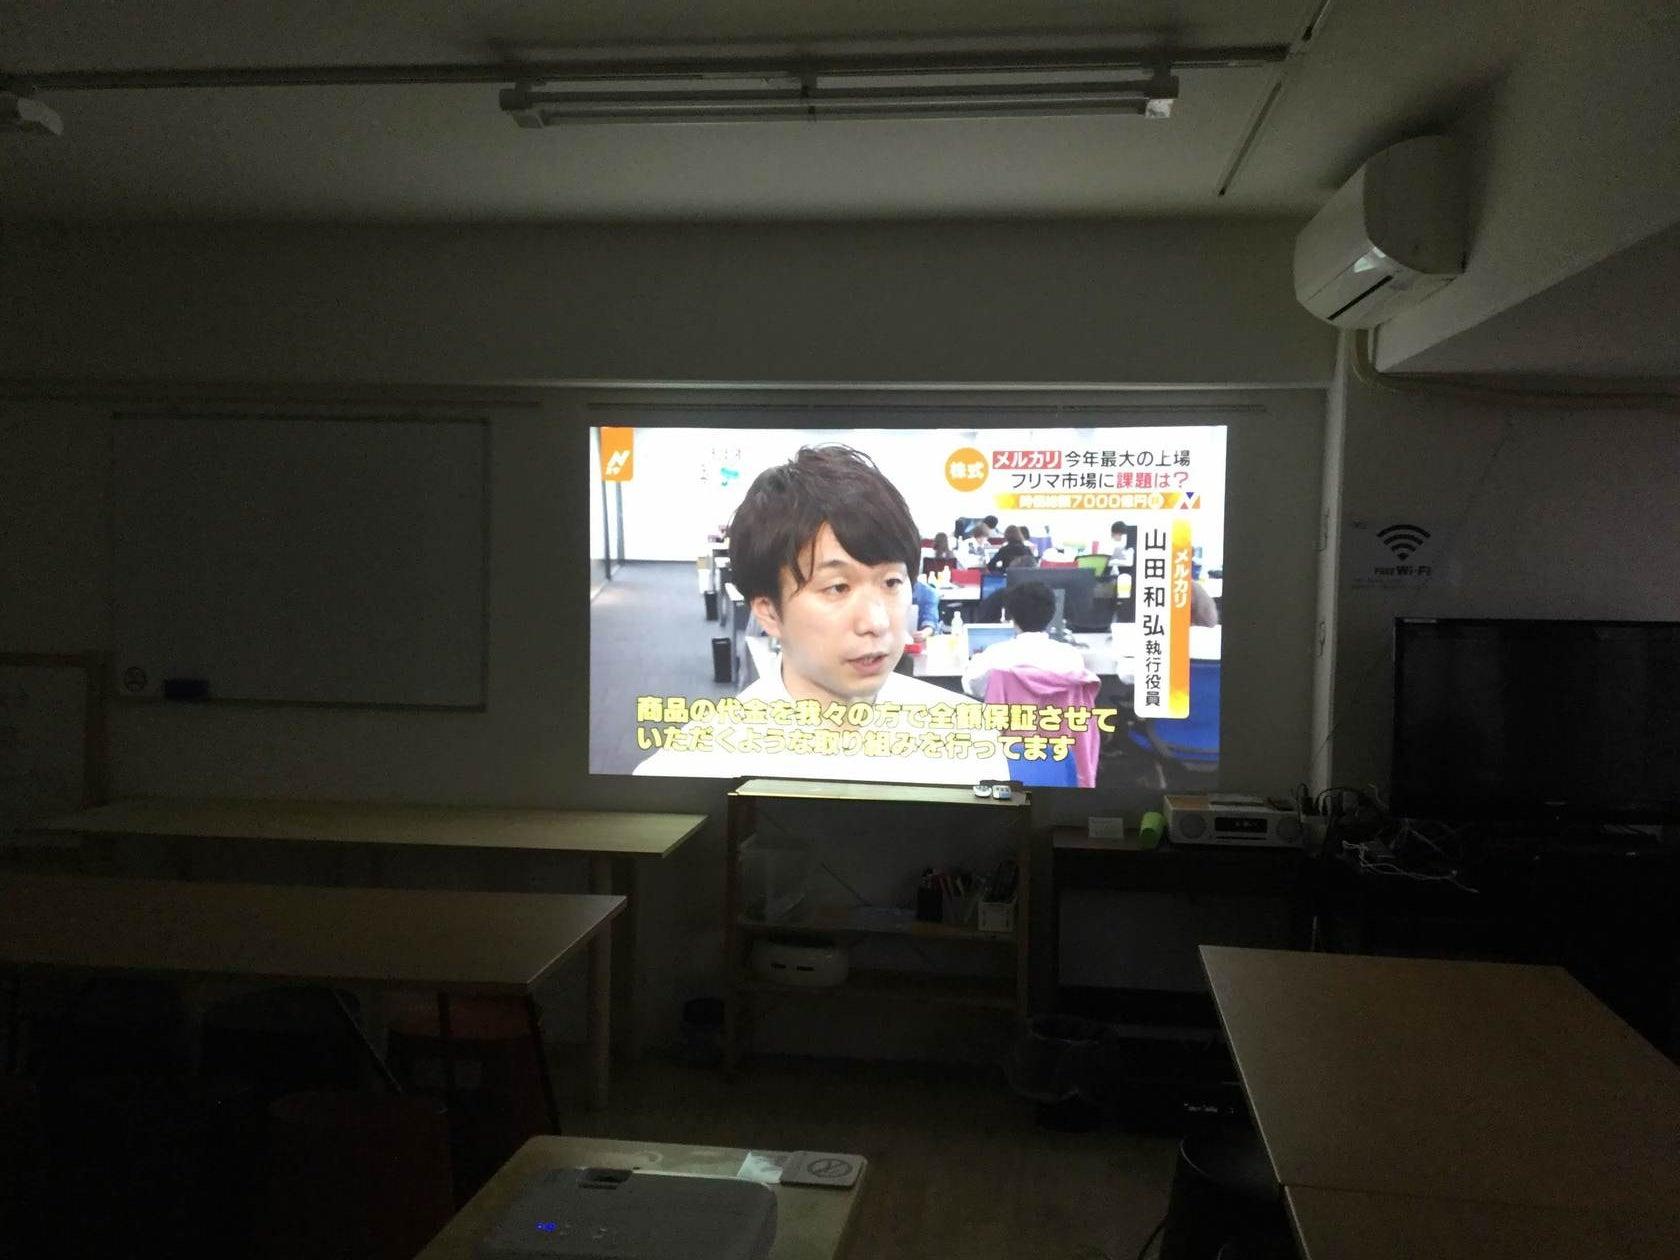 心斎橋レンタルルーム902 のサムネイル